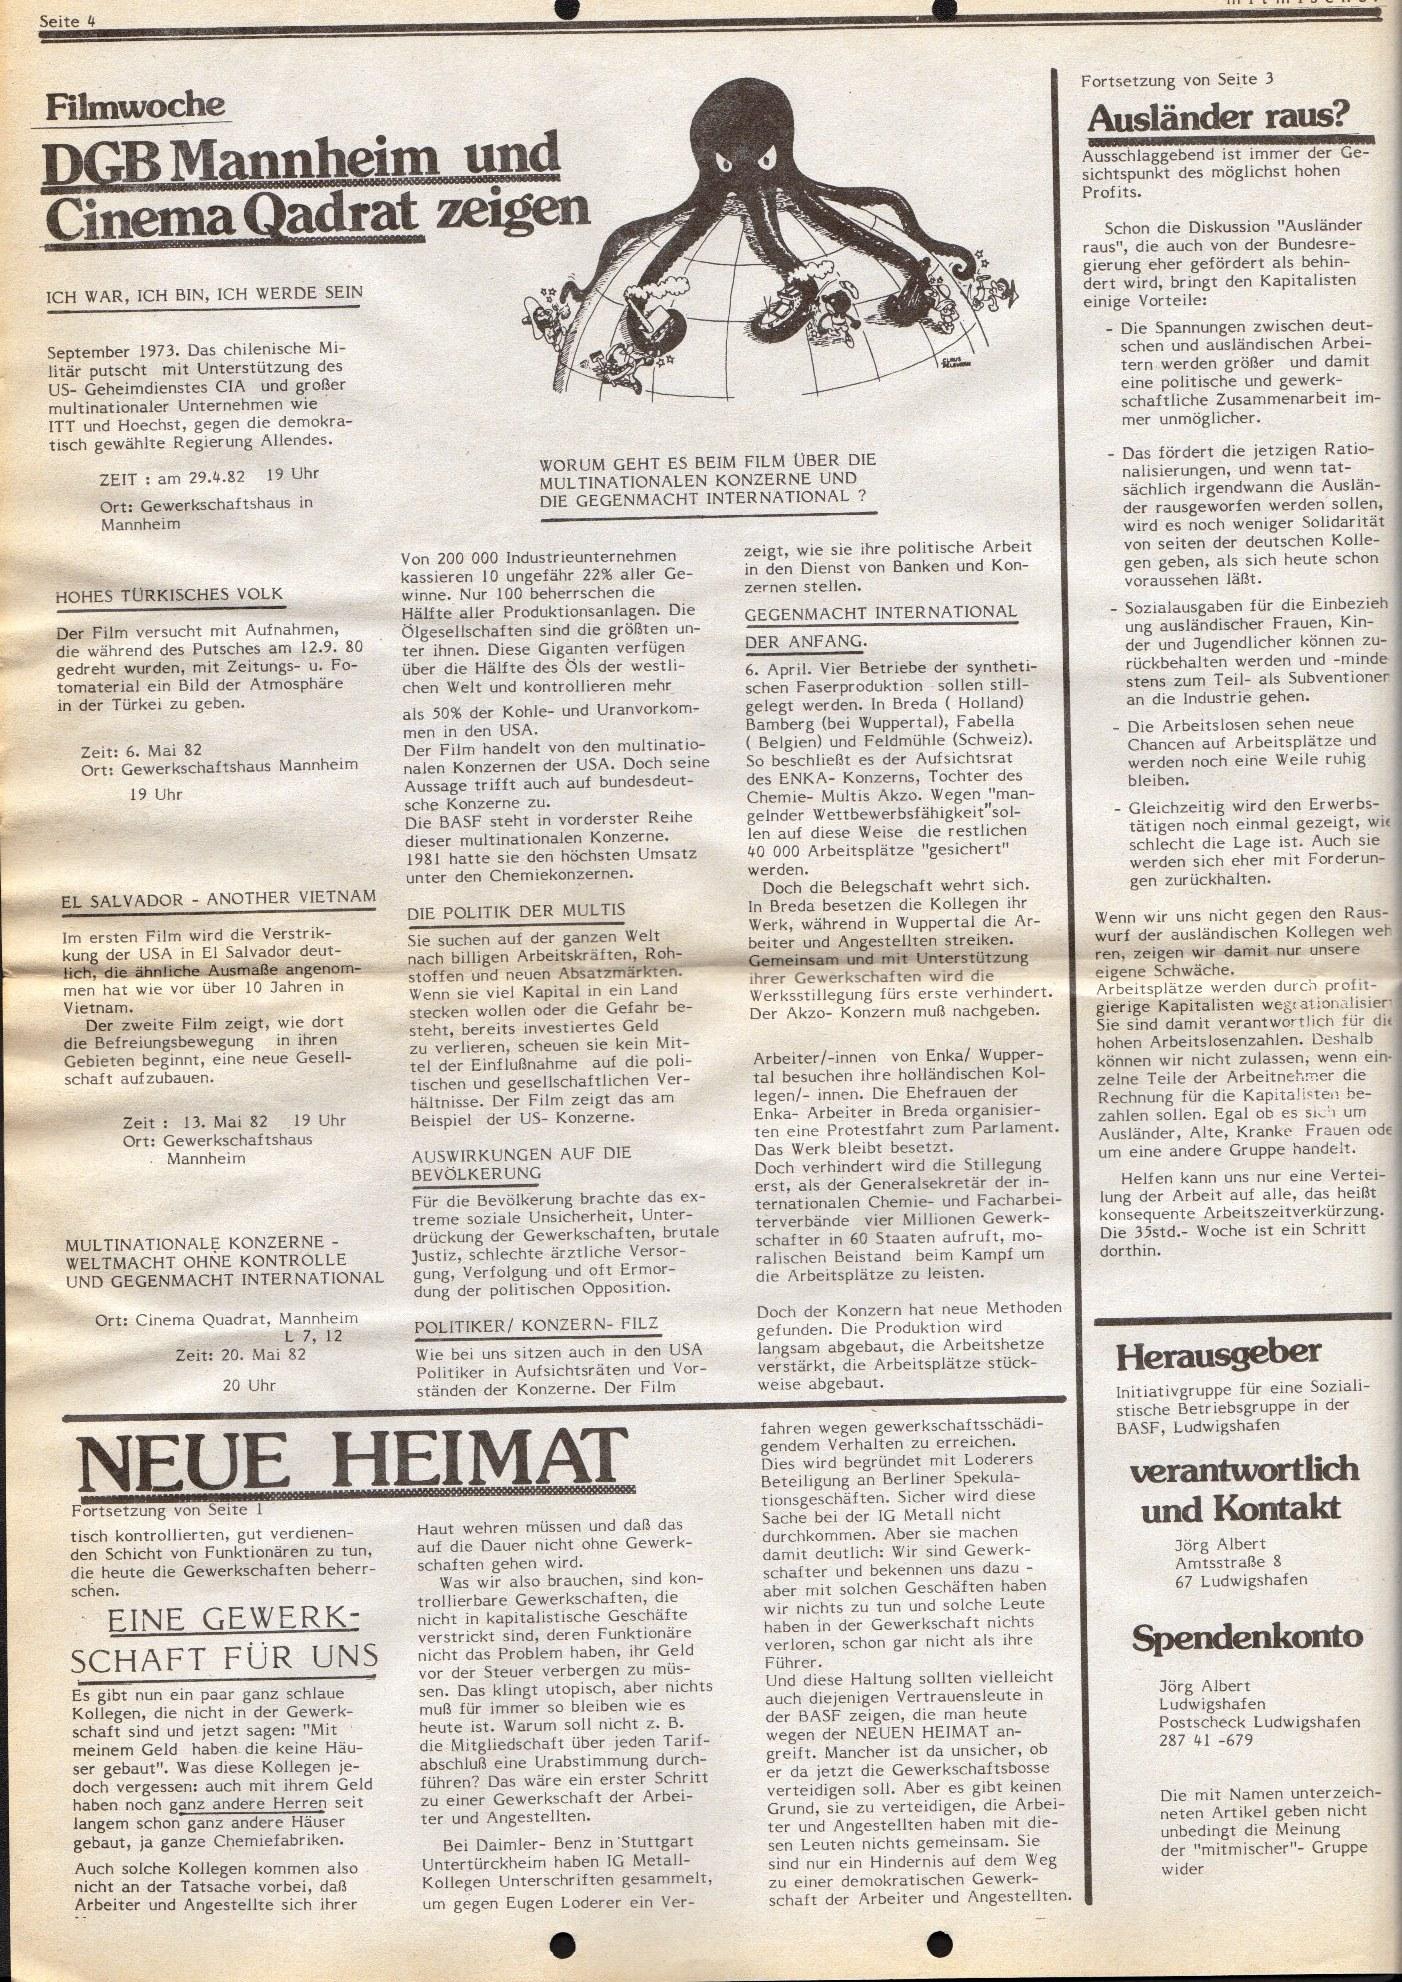 Ludwigshafen_Mitmischer_1982_09_04